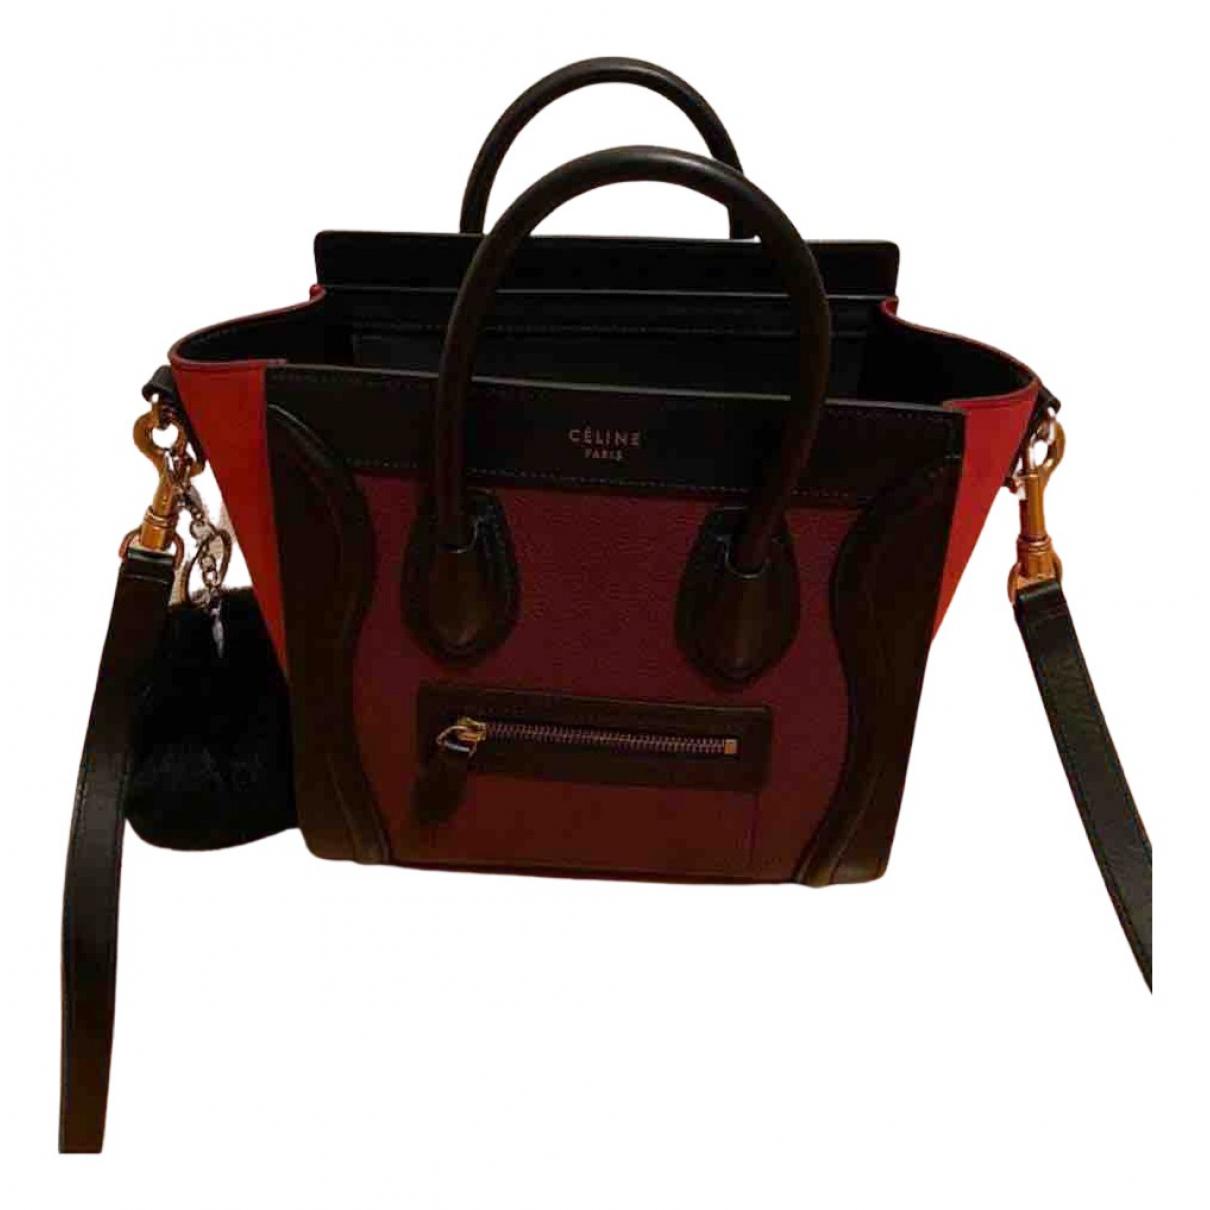 Celine - Sac a main Nano Luggage pour femme en cuir - bordeaux